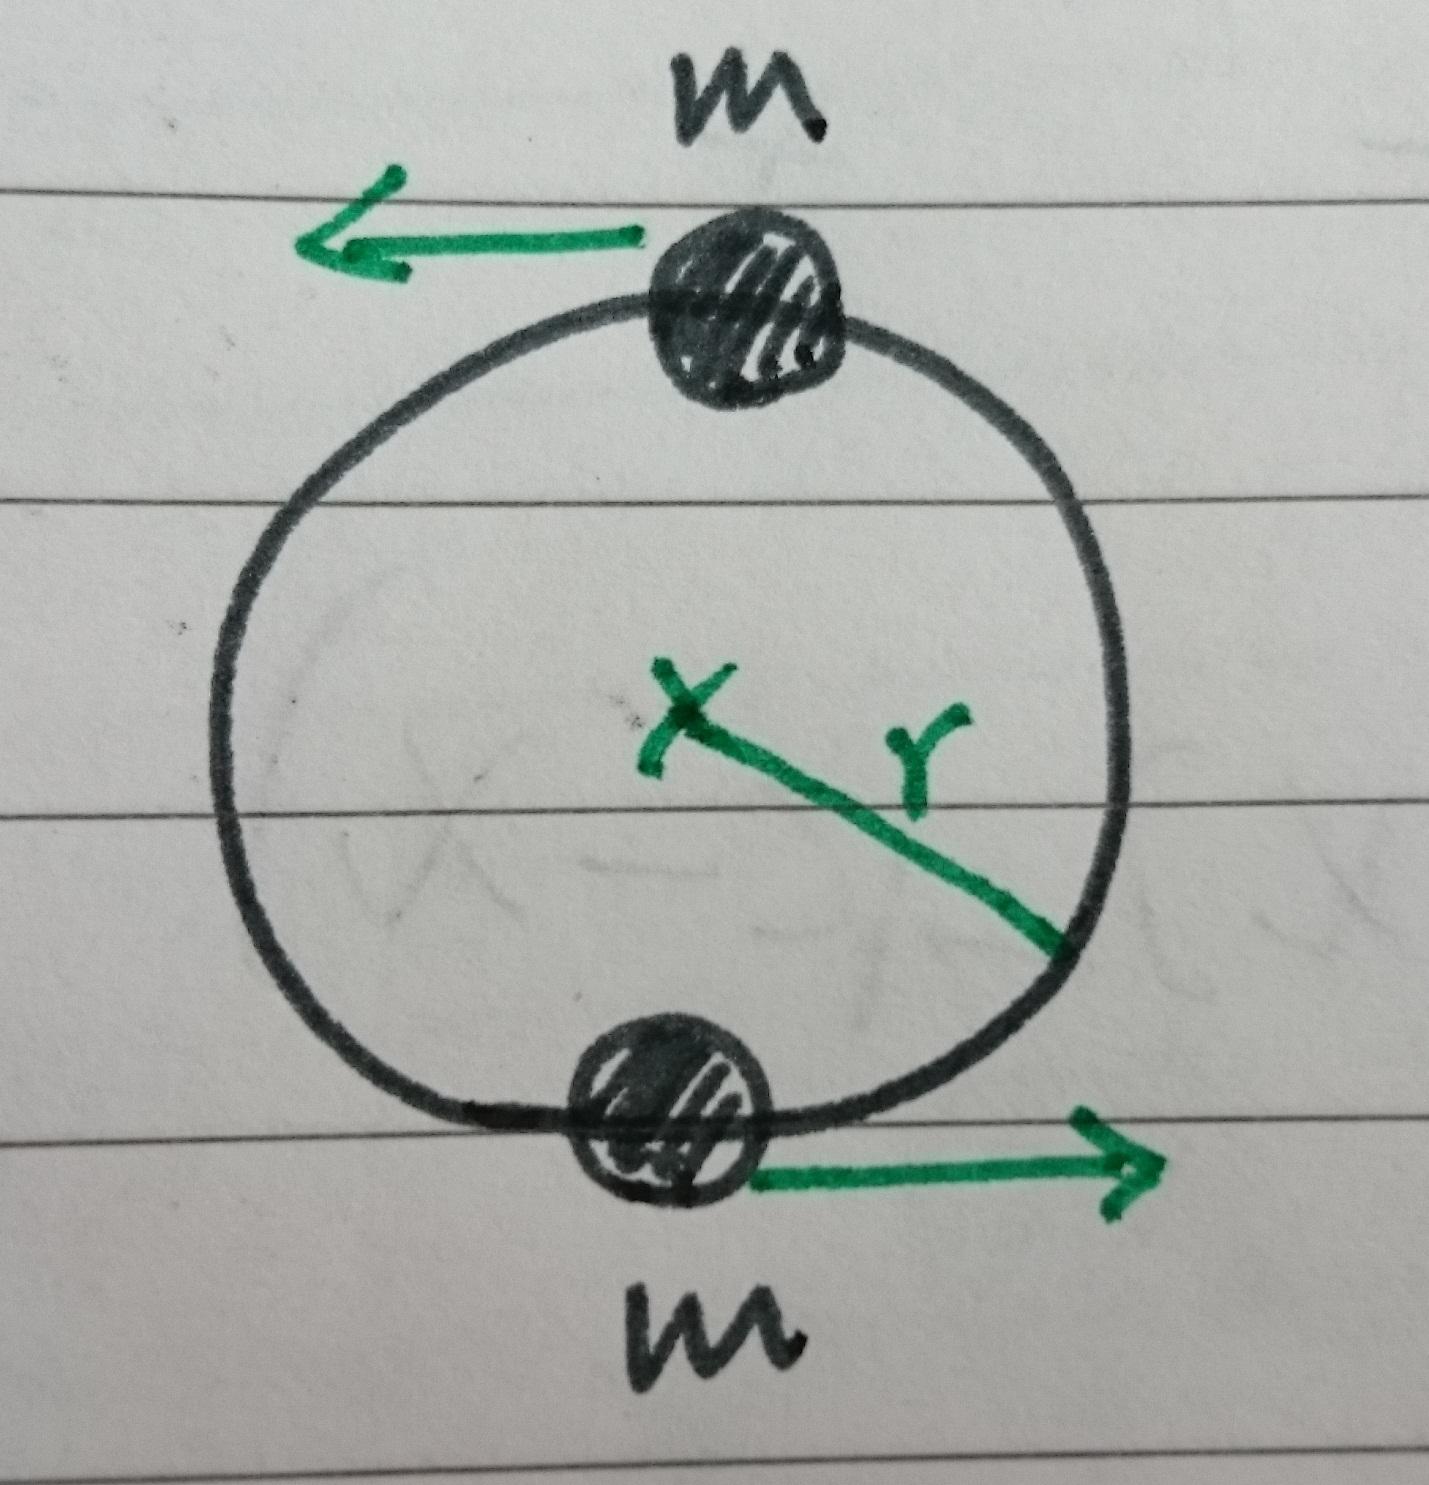 所以說那個公式呢: 高中物理: 功與動能 - 『力學能守恆』題型觀念整理